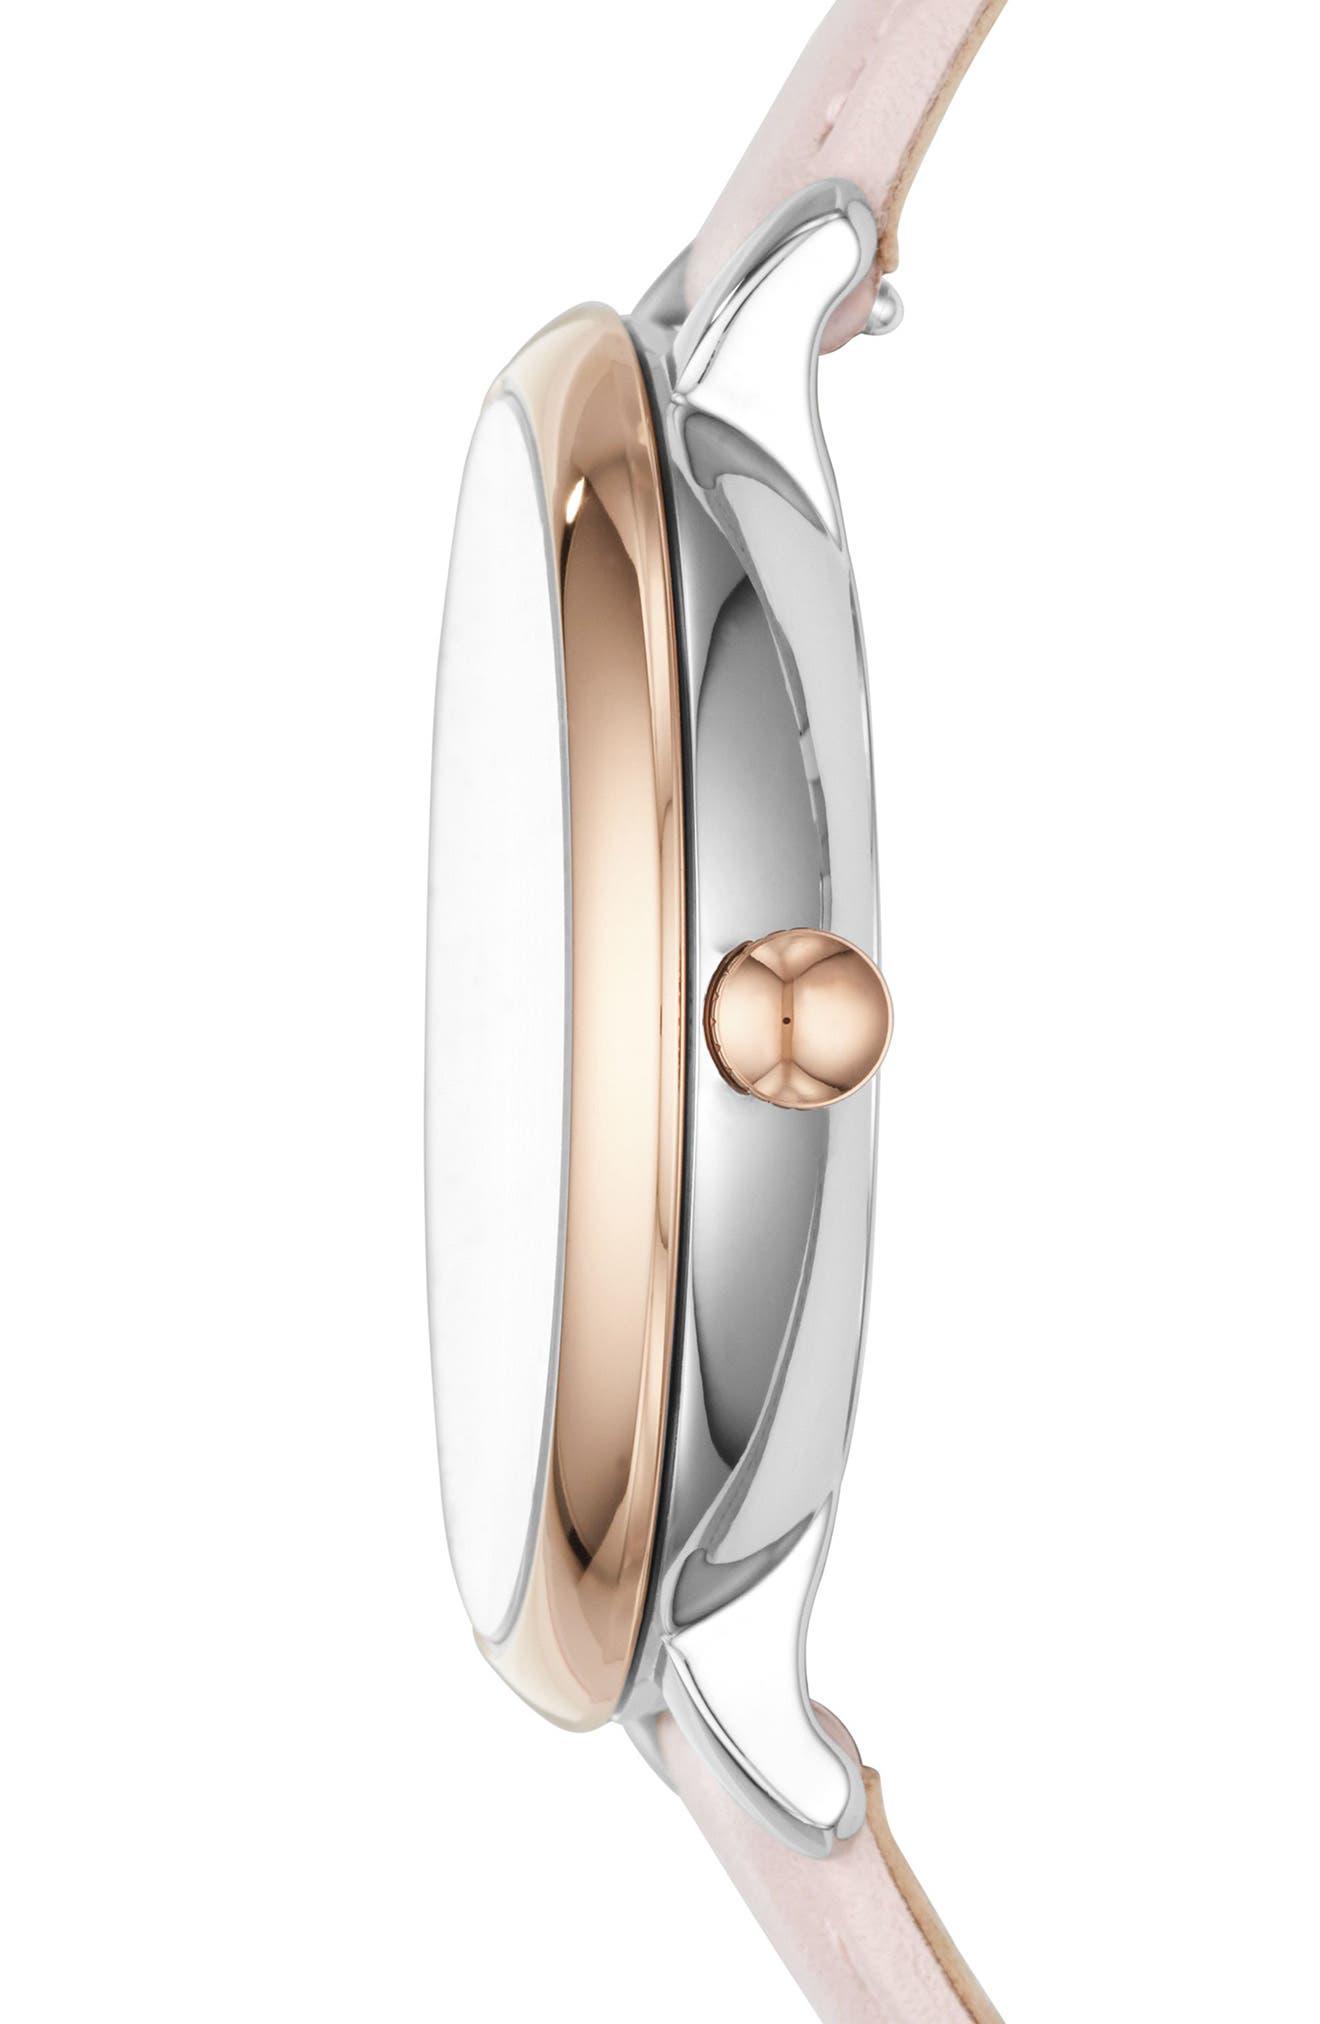 Jacqueline Leather Strap Watch & Bracelet Set, 36mm,                             Alternate thumbnail 2, color,